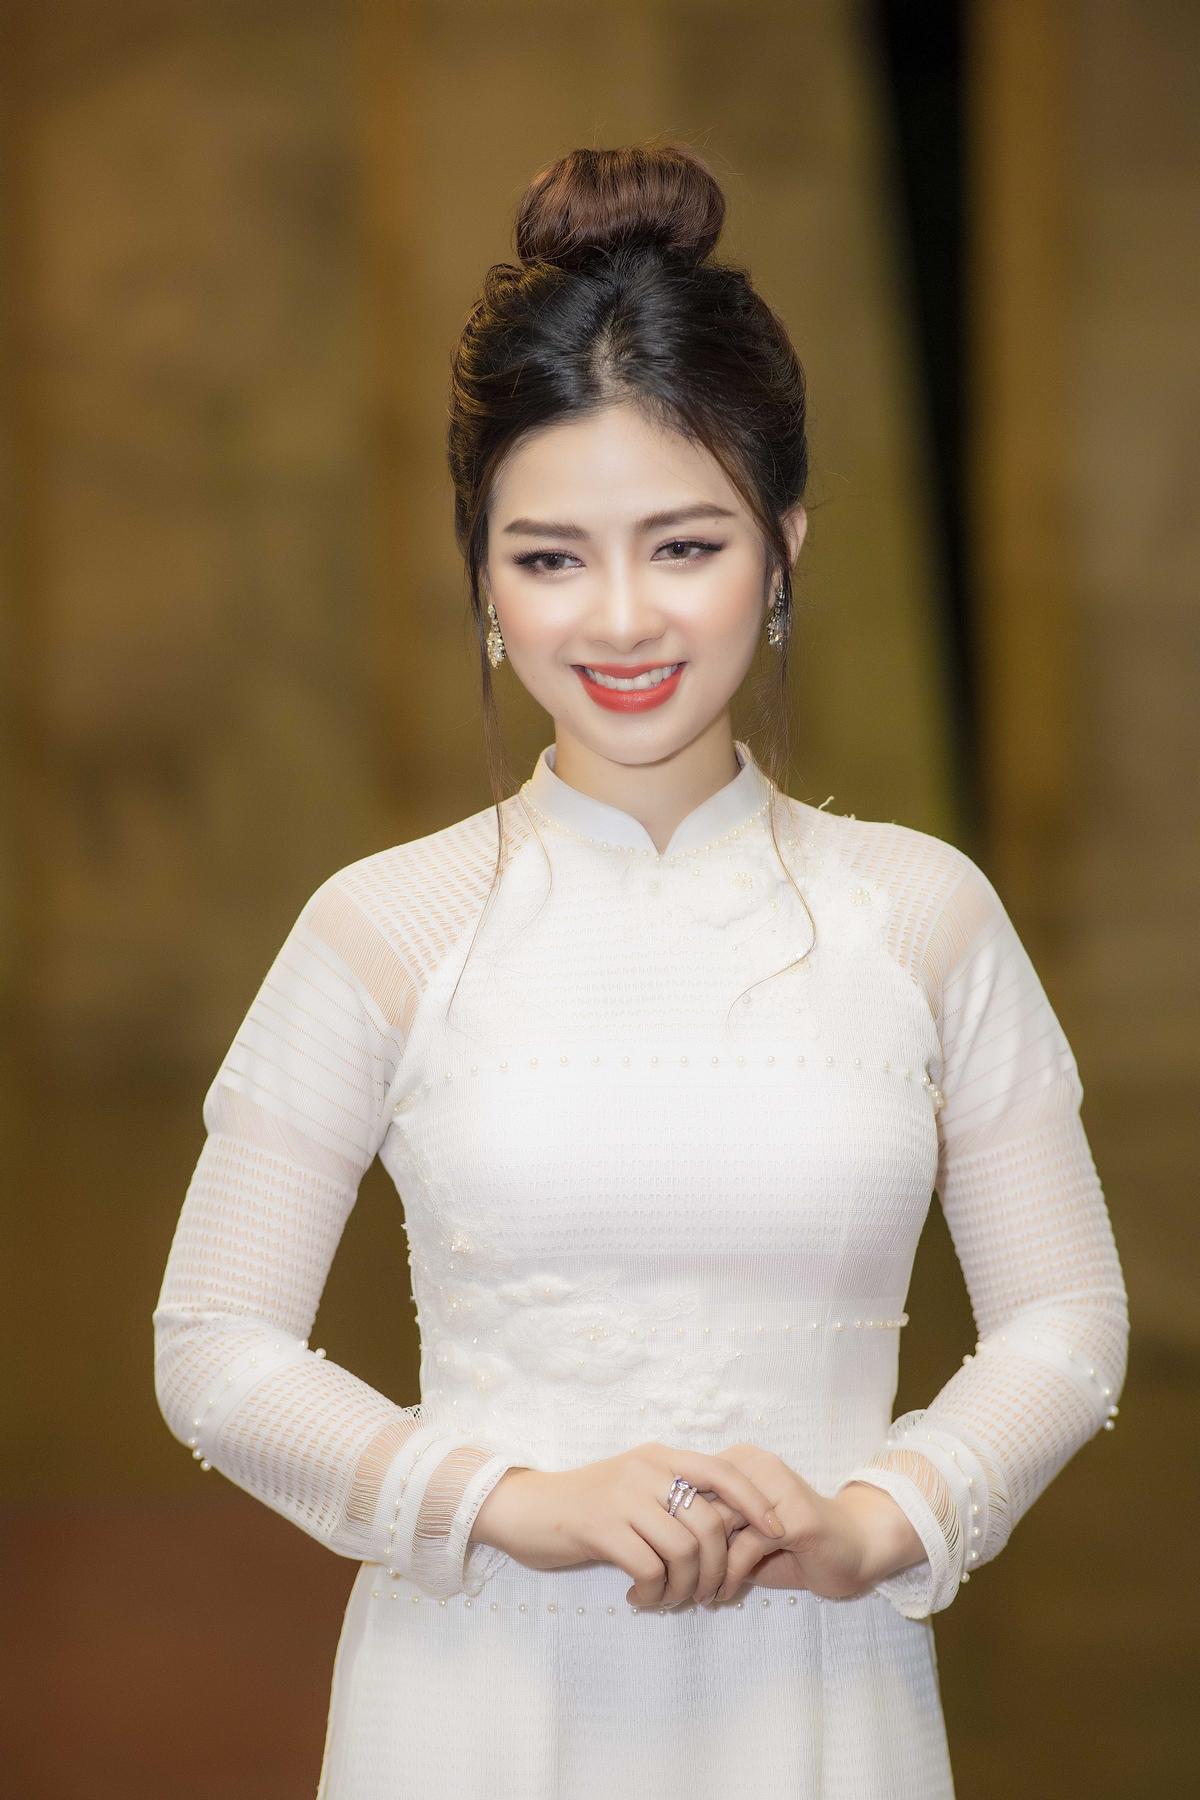 Dương Hoàng Yến khoe thân hình vạn người mê trong áo dài trắng 5